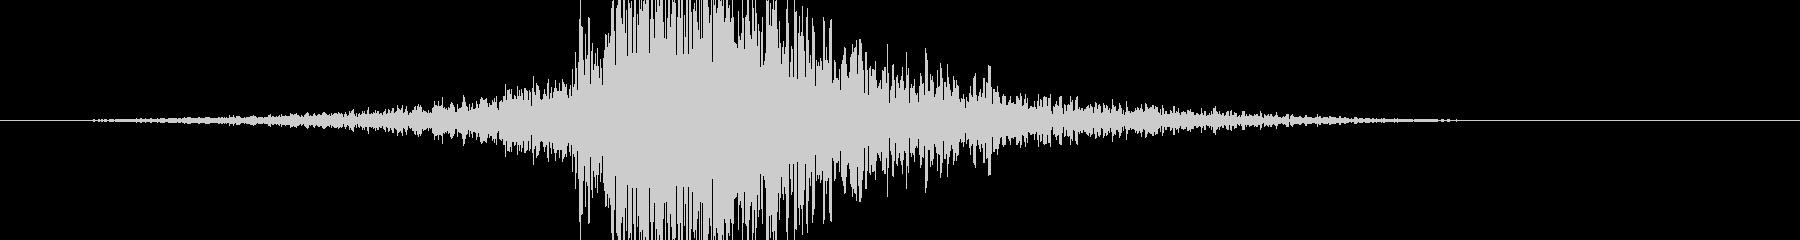 ビッグインパクトエクスプロージョン1の未再生の波形